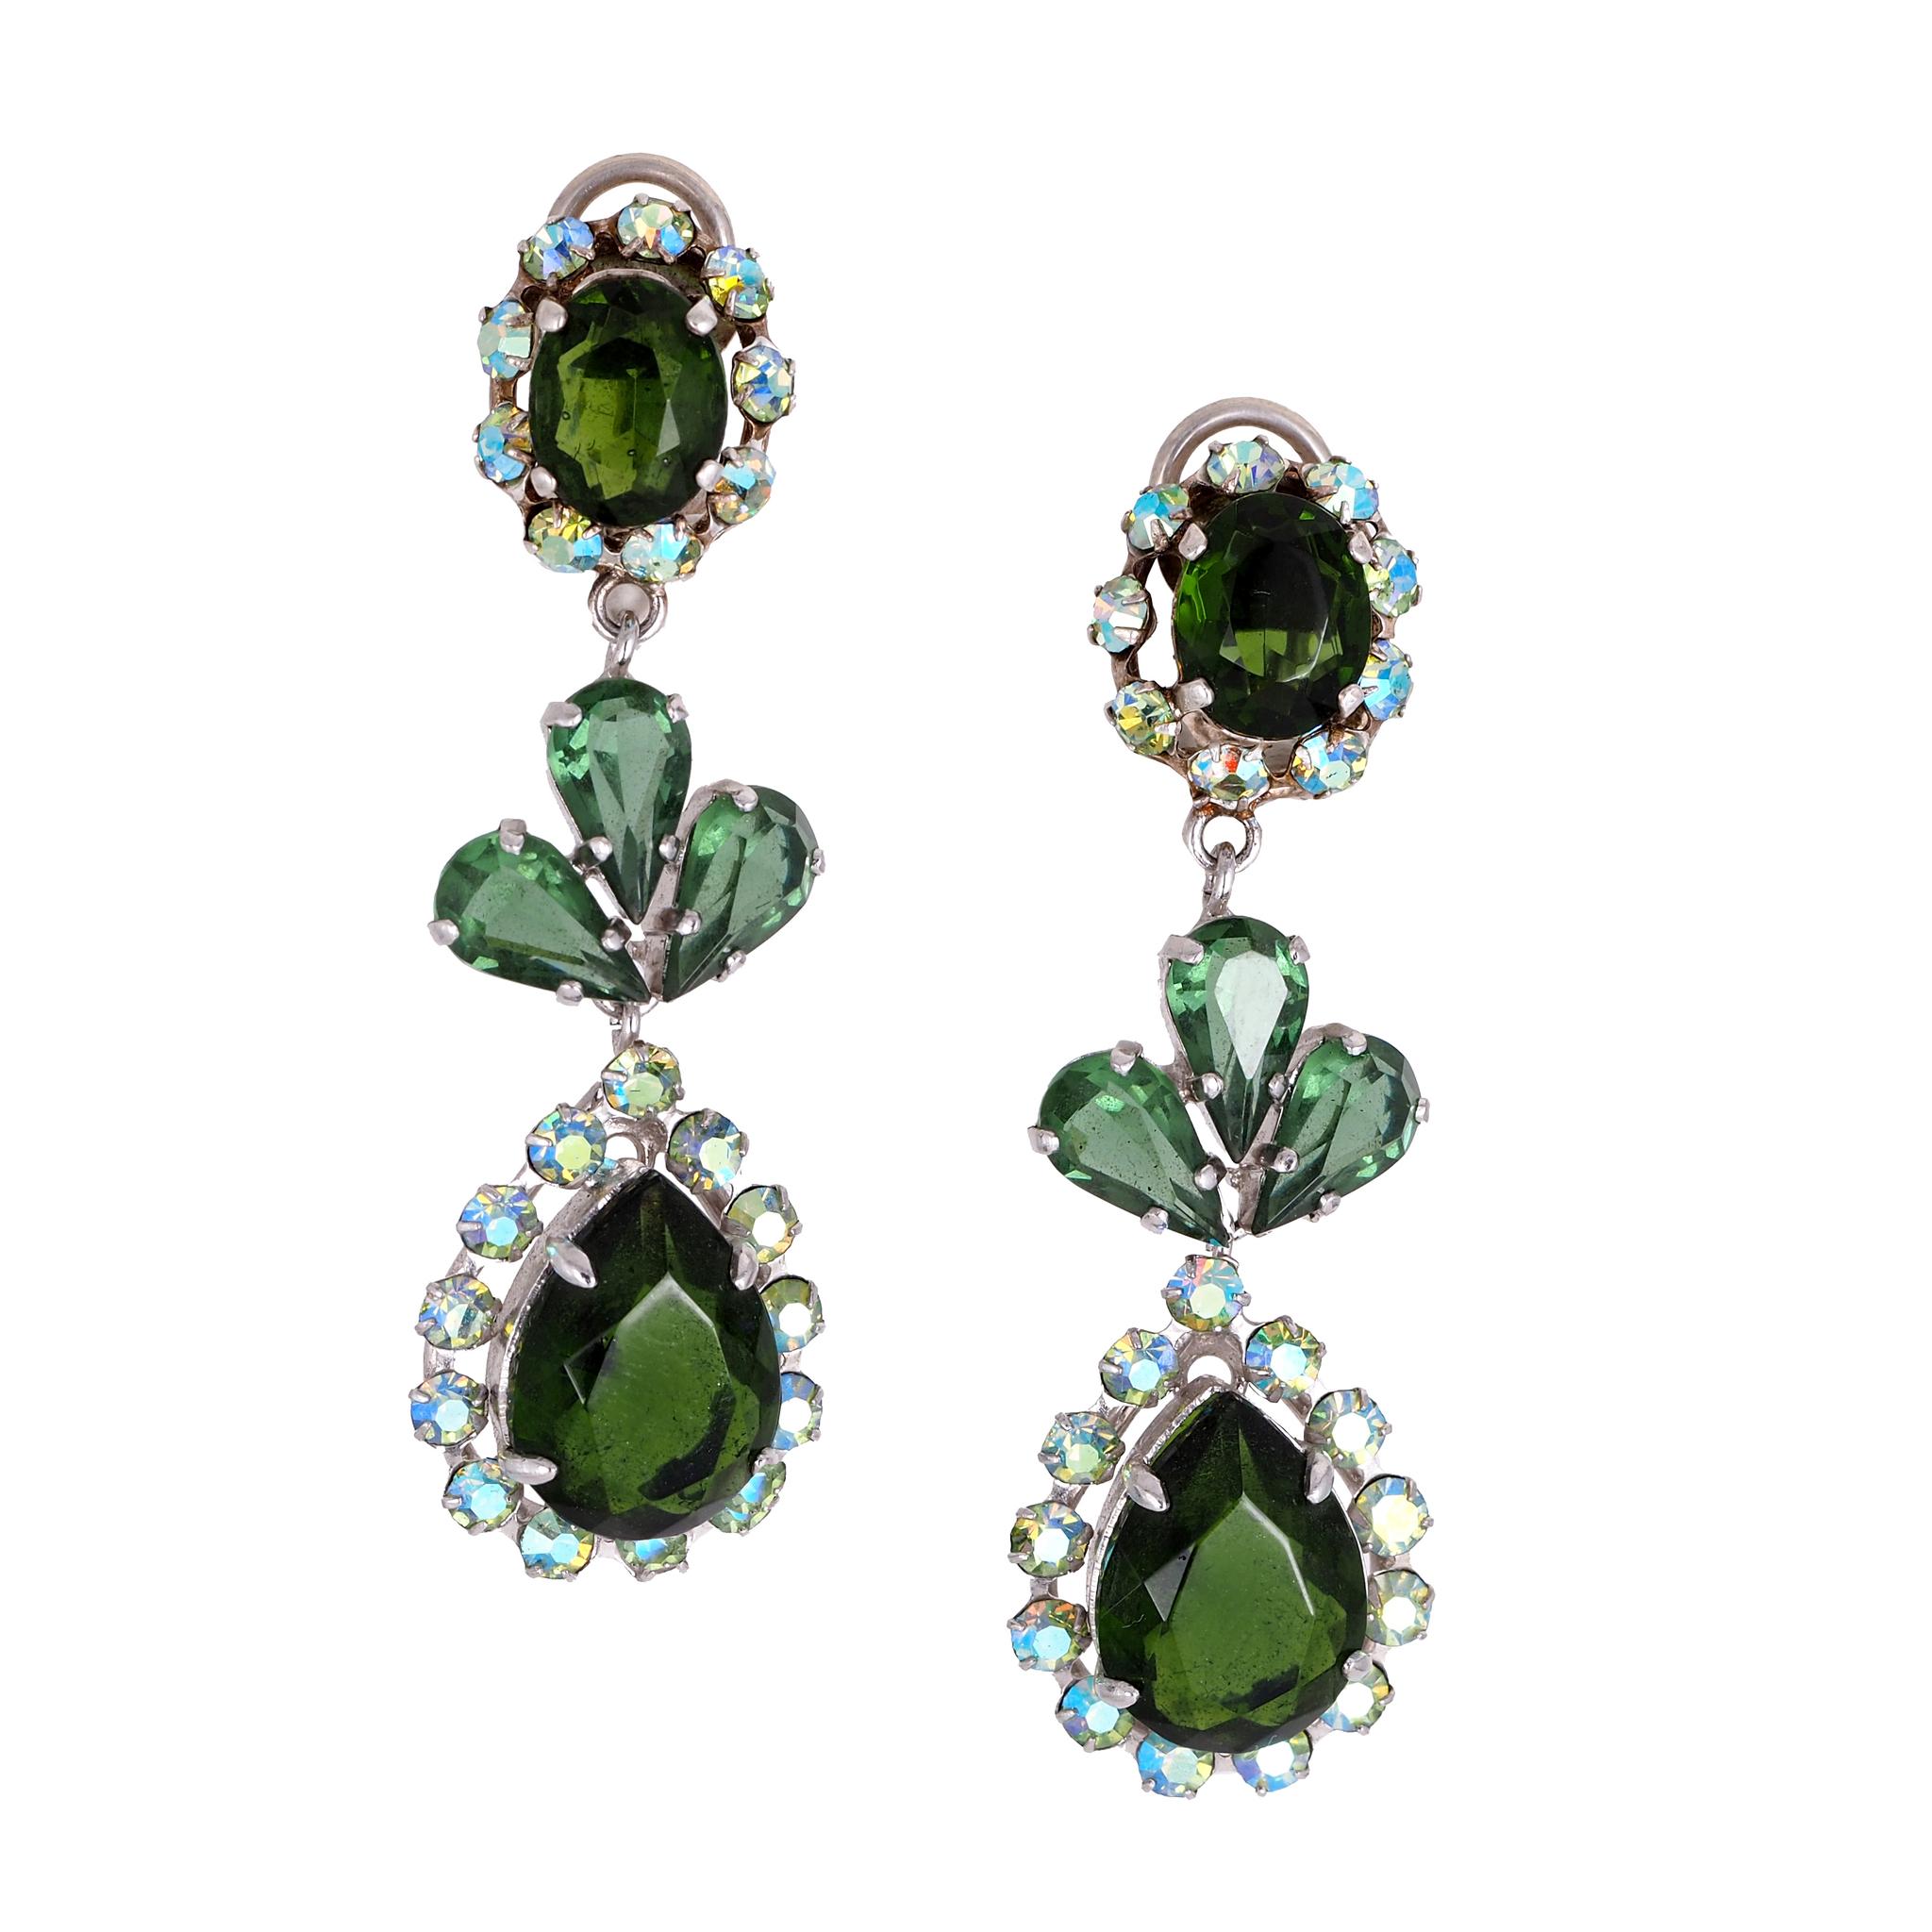 Клипсы Dior в нео-викторианском стиле